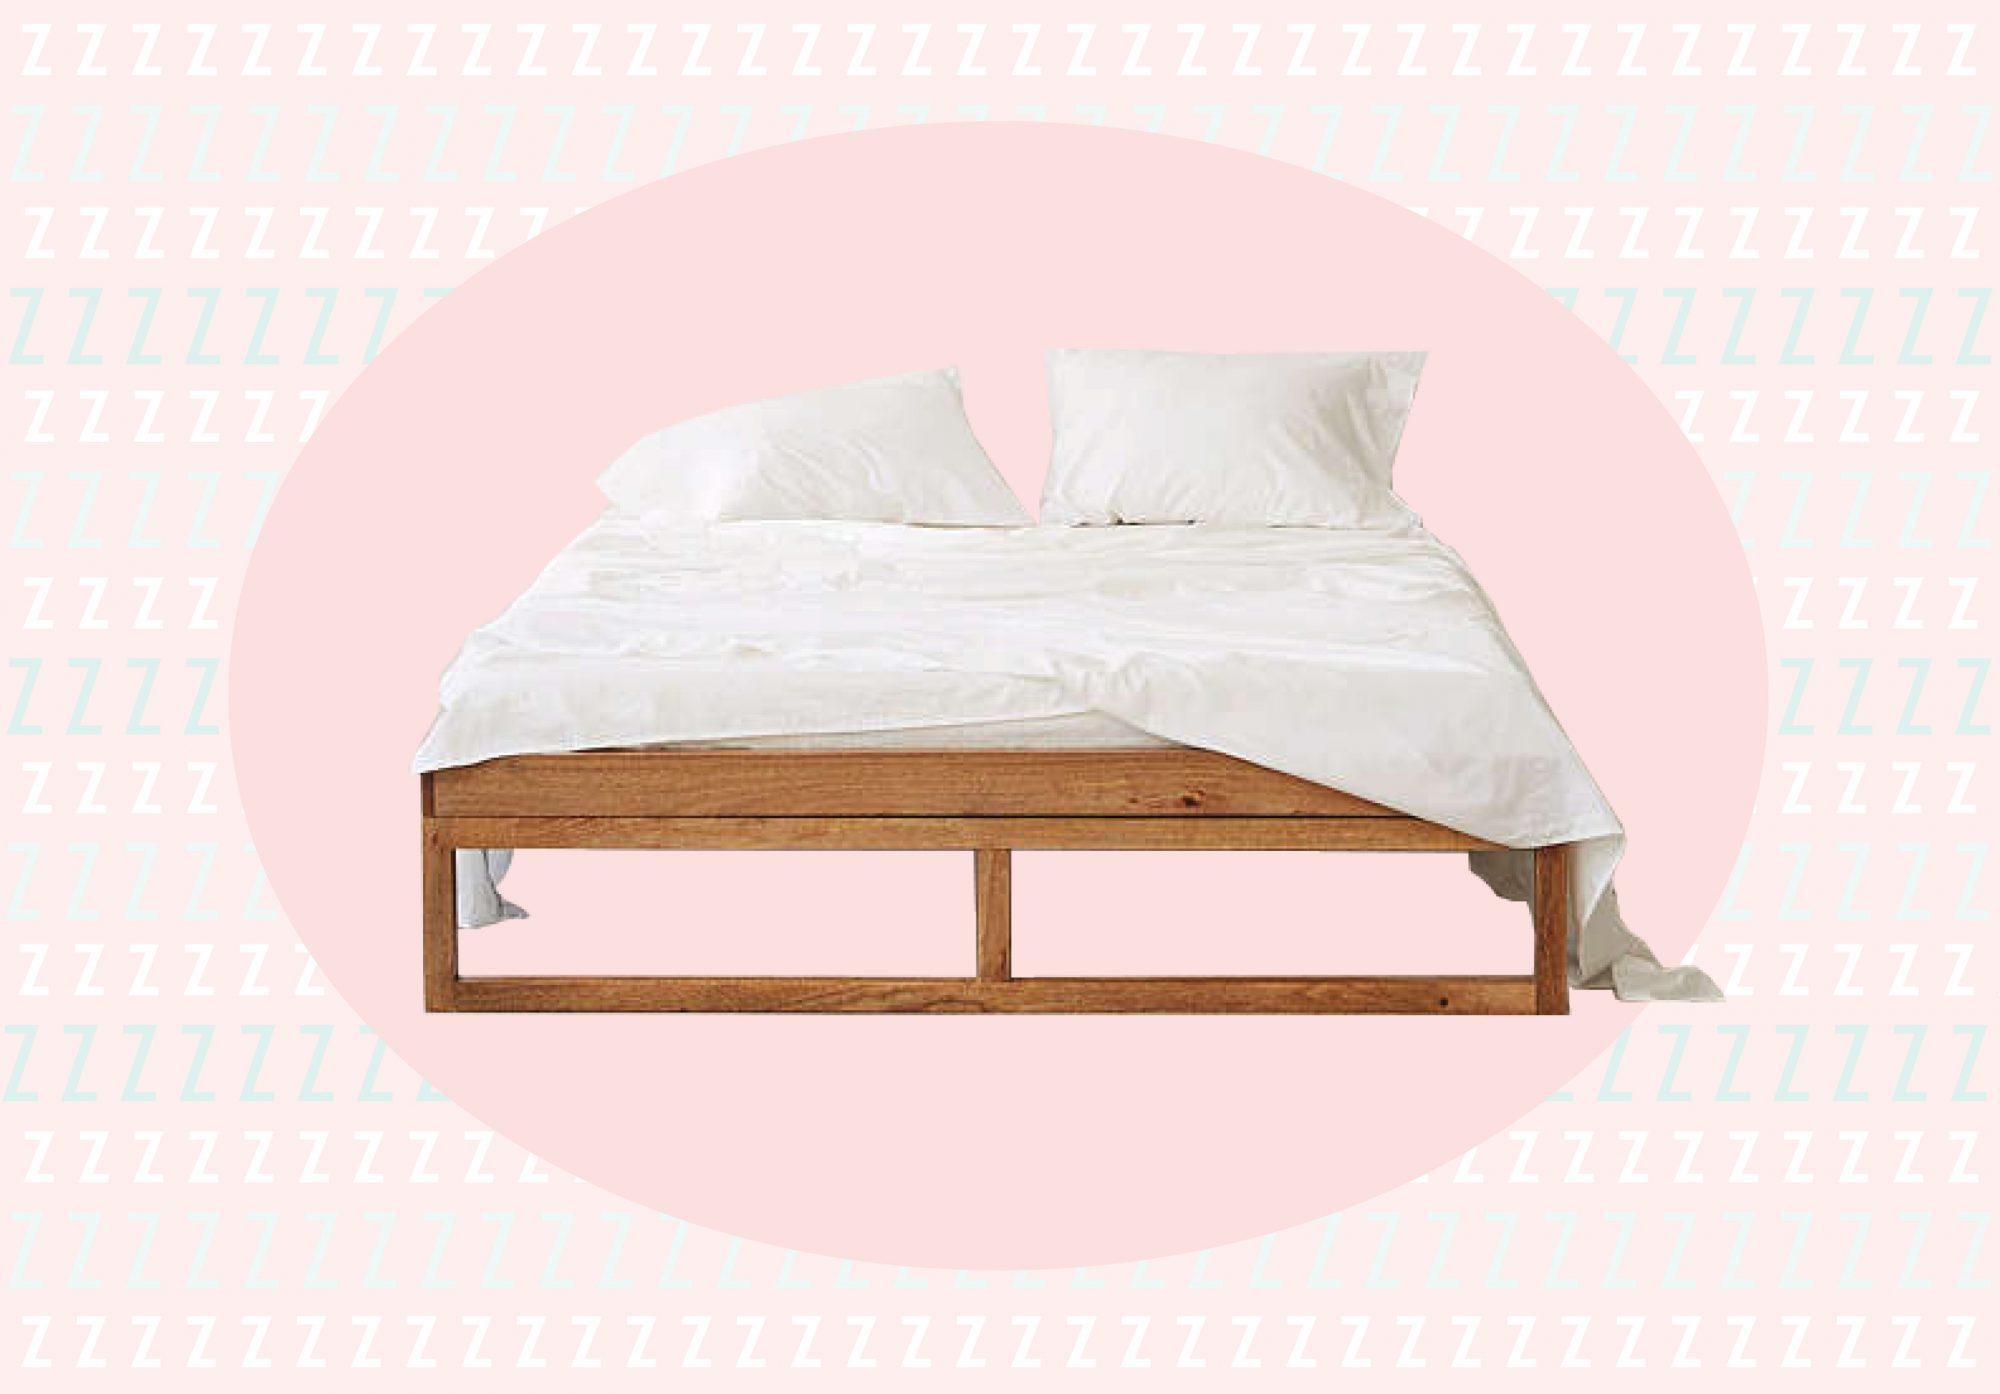 Platform bed against pink background.